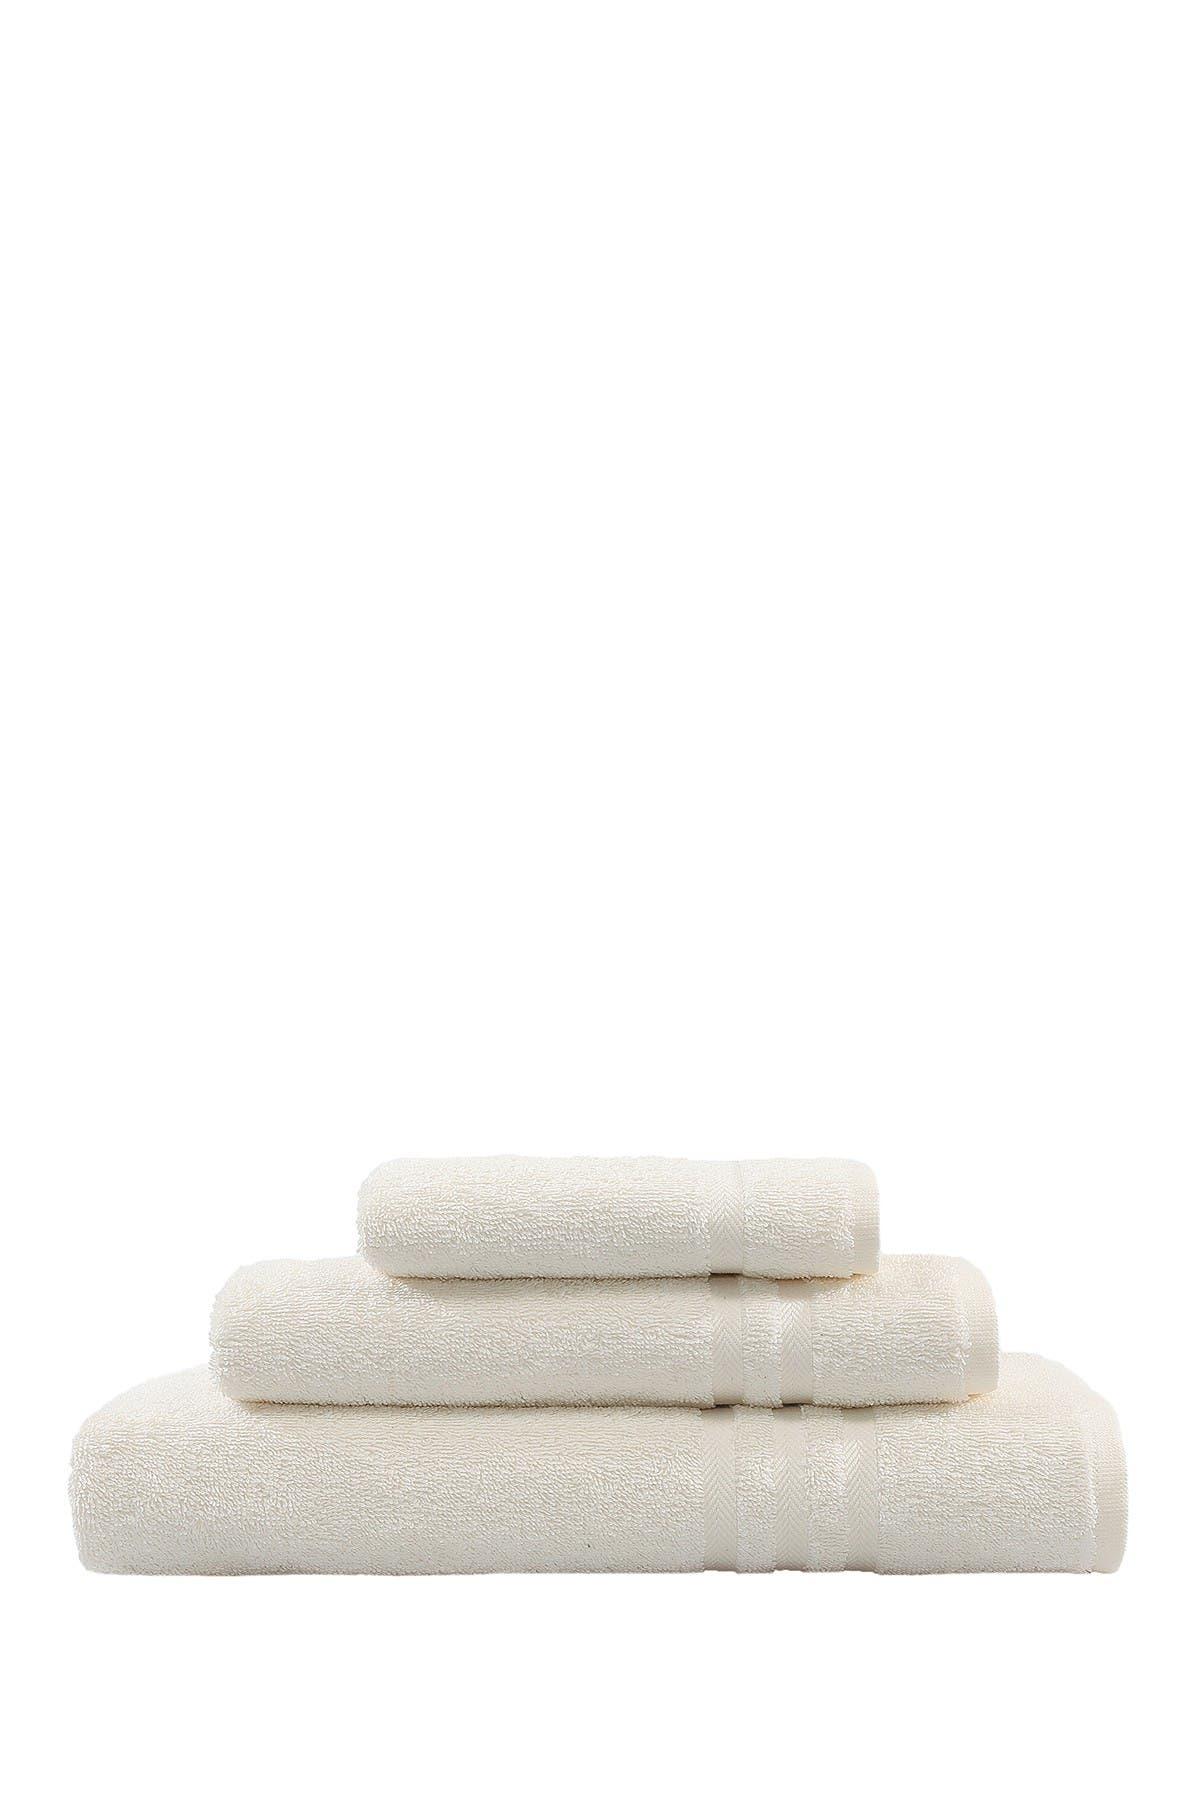 Image of LINUM HOME Denzi 3-Piece Towel Set - Cream